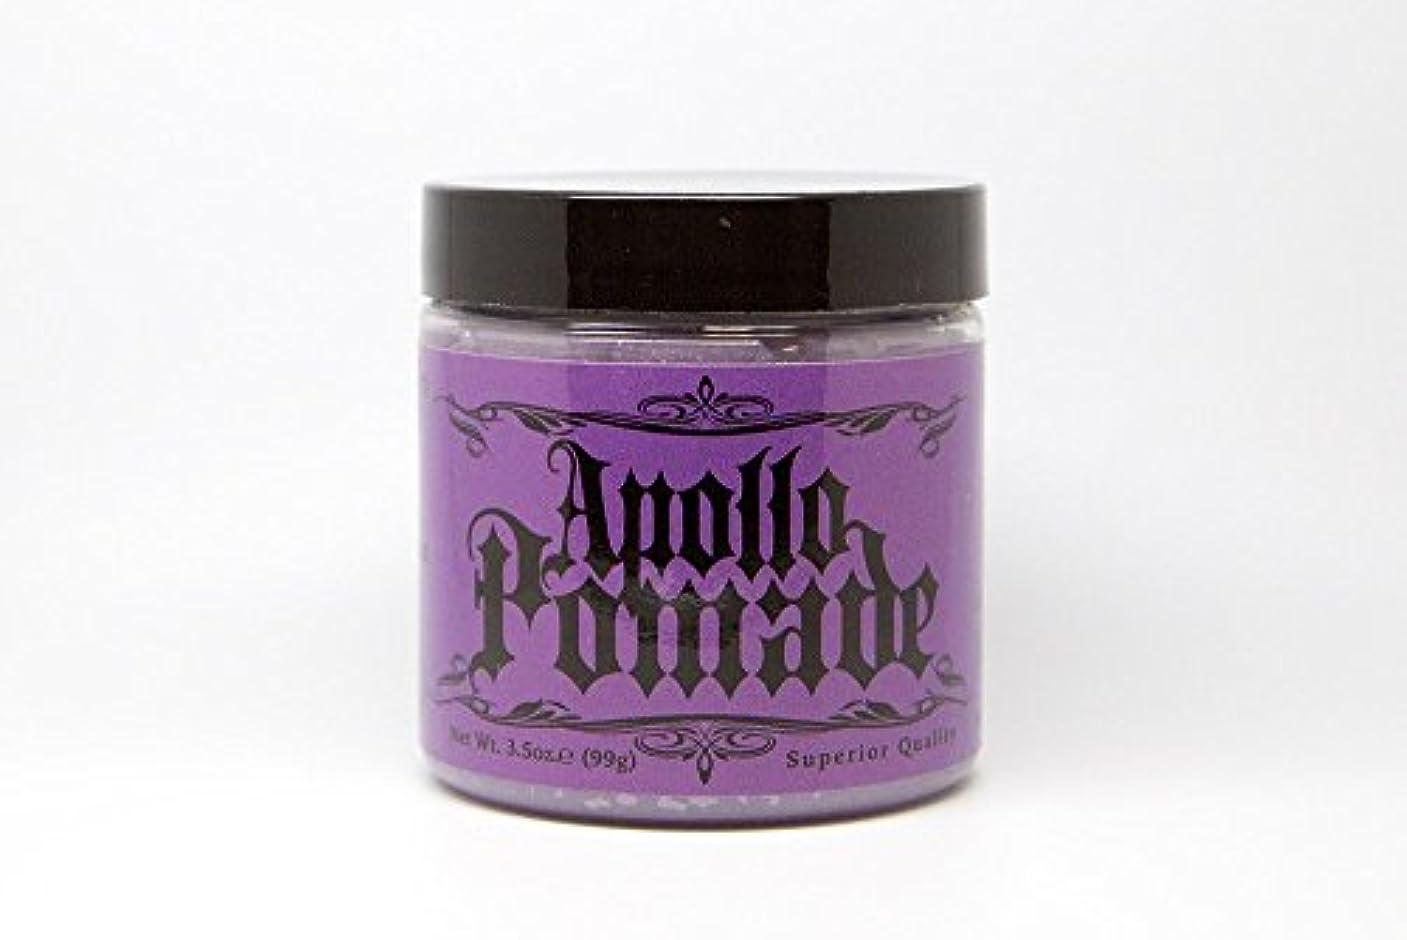 ラッシュエスカレーター光沢ポマード メンズ Apollo Pamade (アポロポマード 油性 ) 3.5oz(99g)